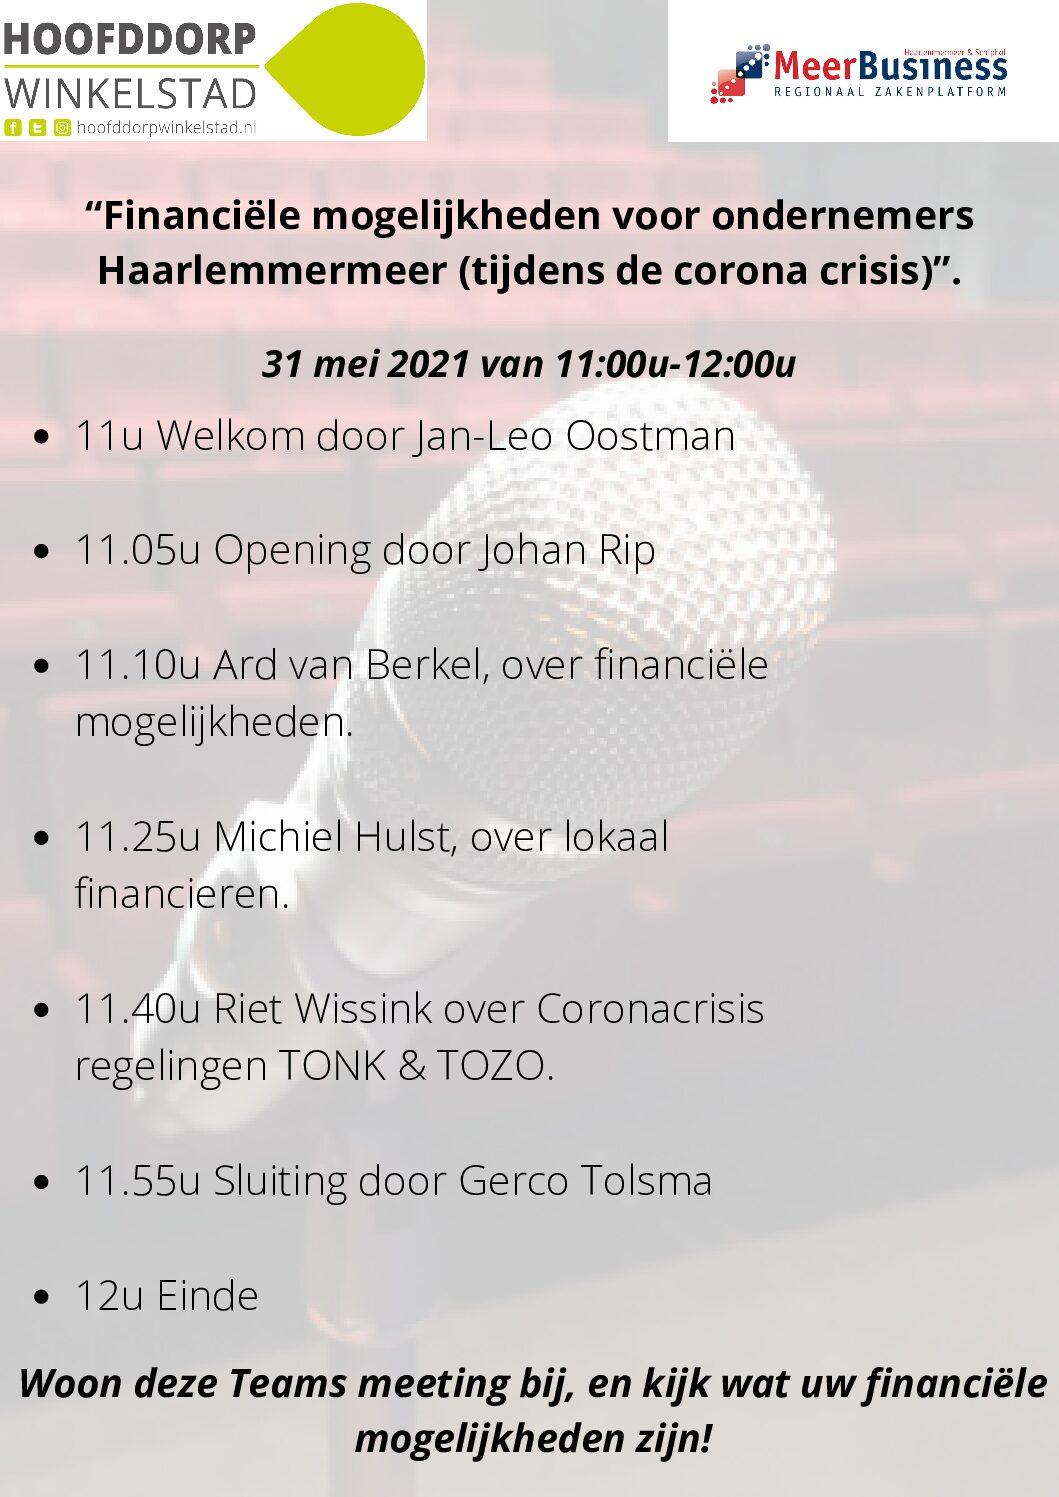 Ondernemers Haarlemmermeer: check jouw financiële mogelijkheden tijdens de coronacrisis!